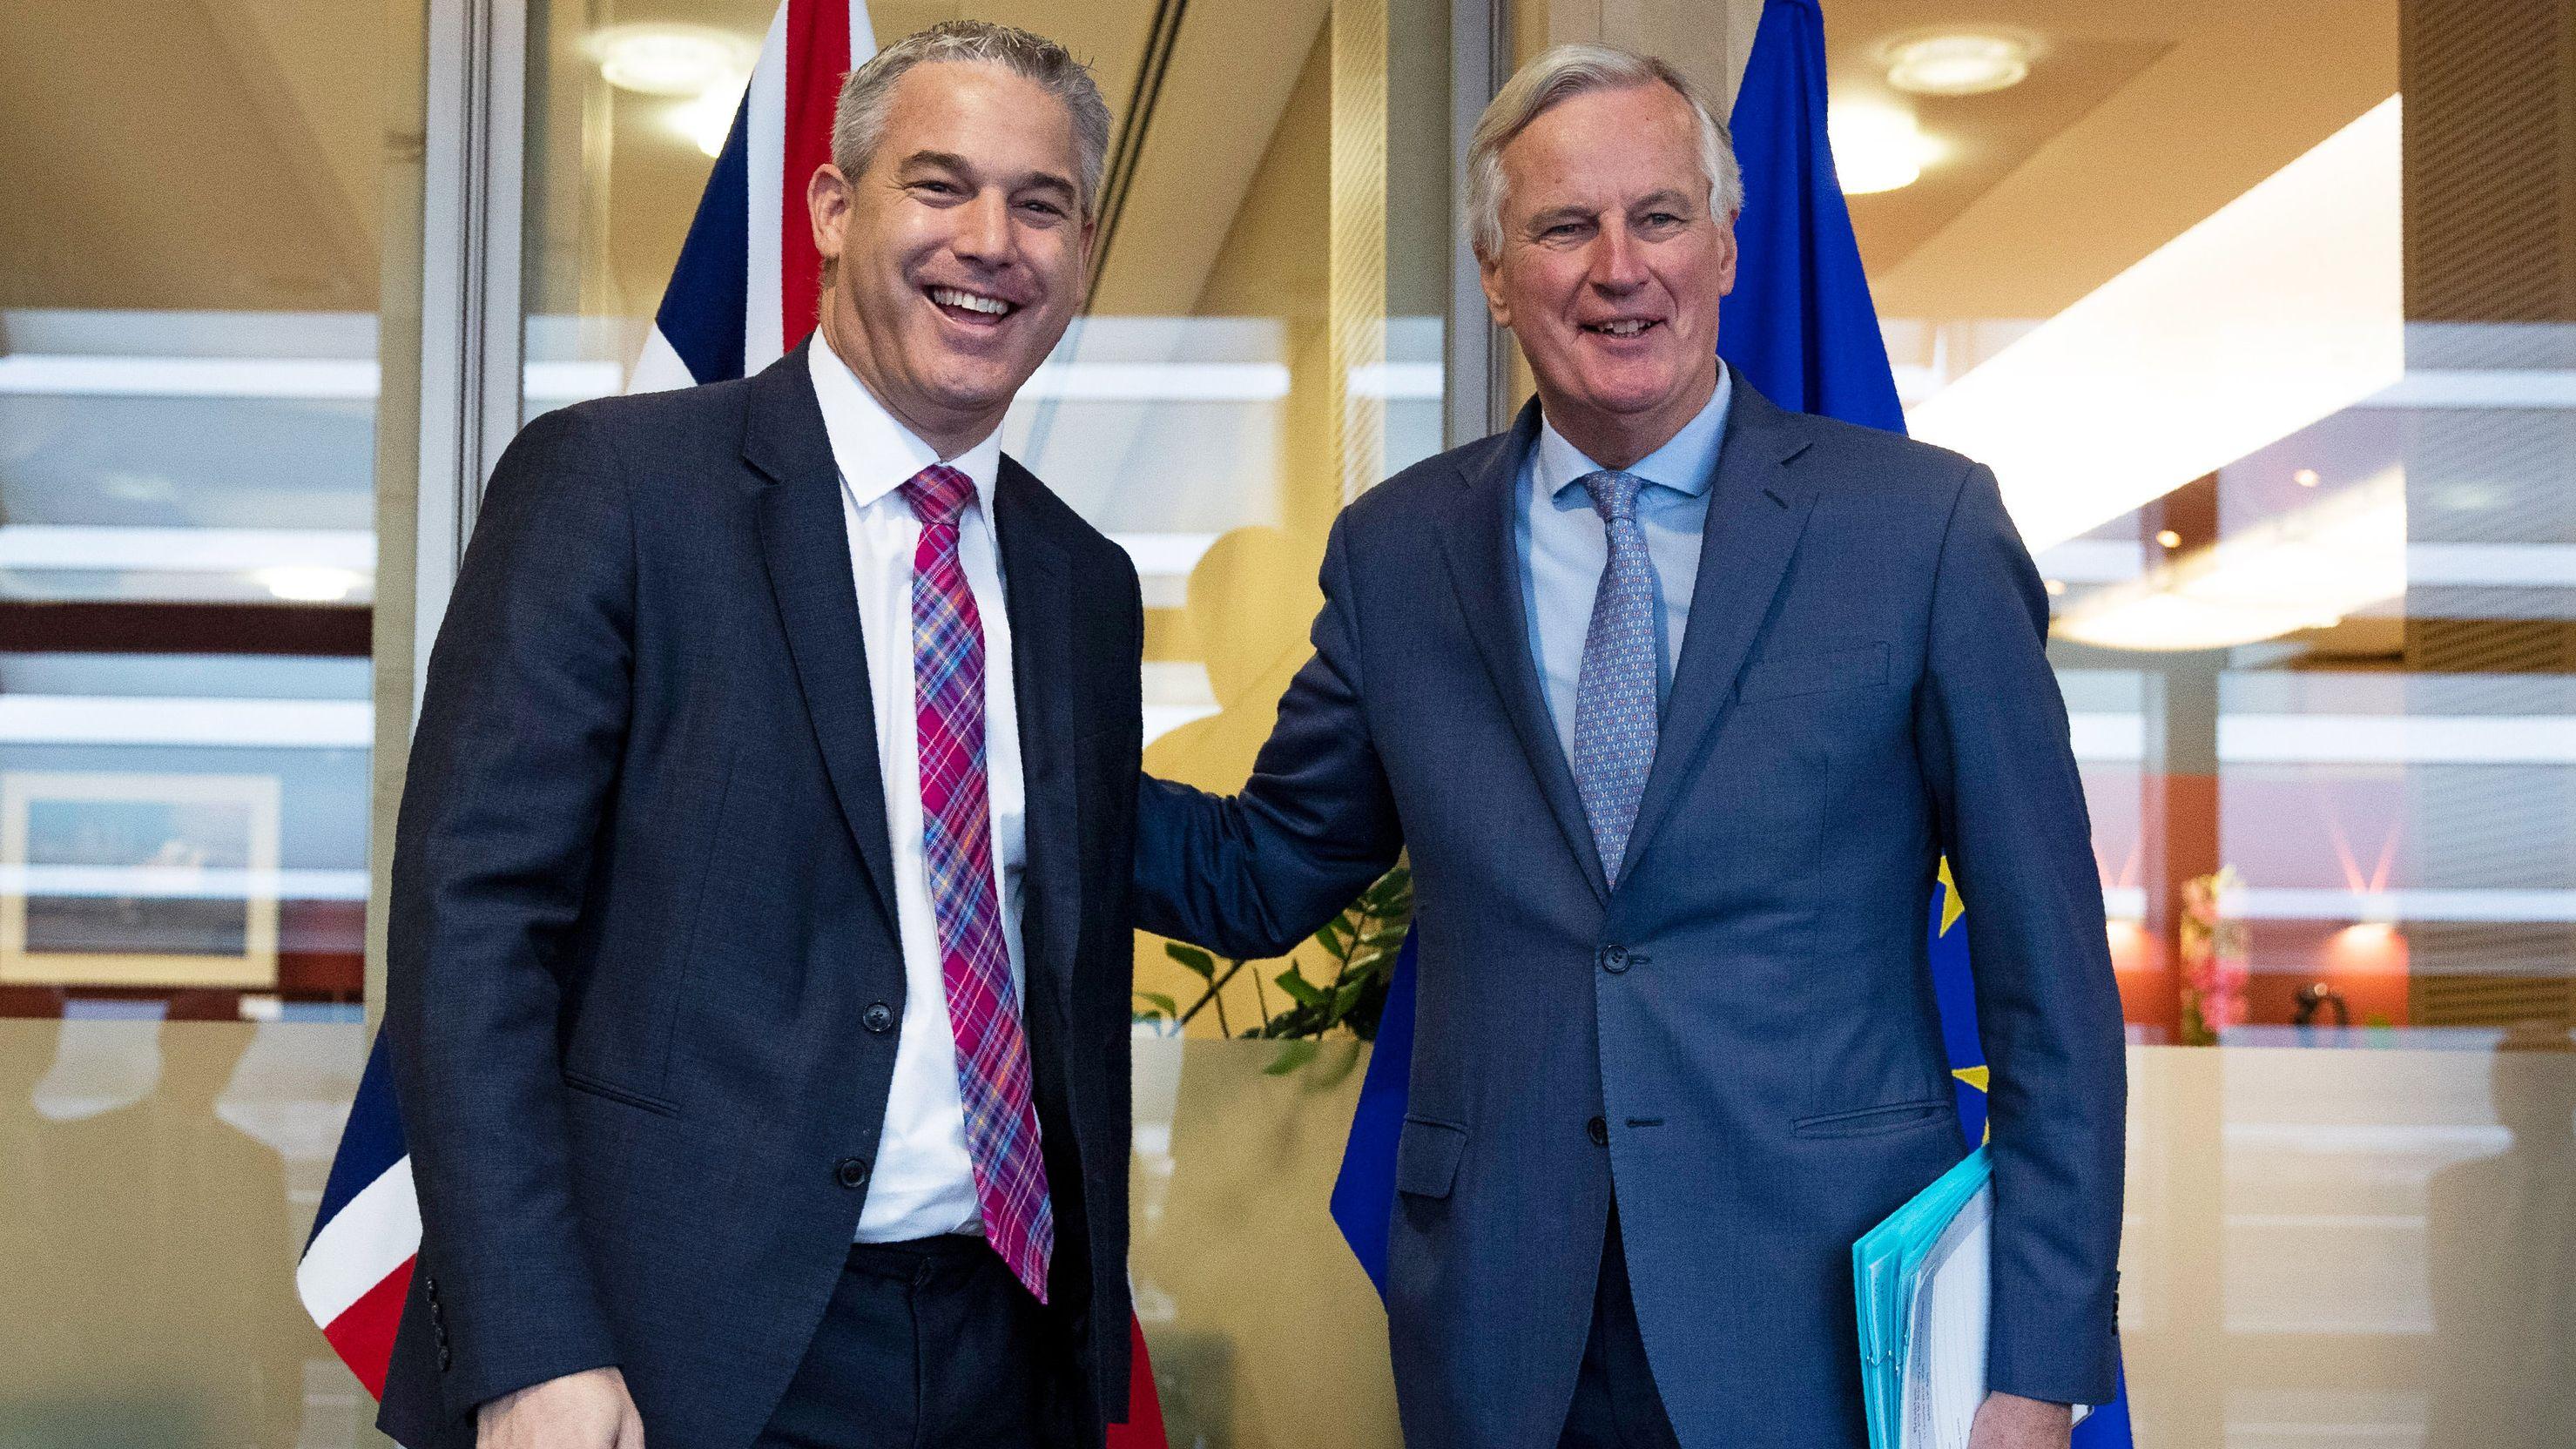 Stephen Barclay, Brexit-Minister von Großbritannien, und Michel Barnier, Chefunterhändler der EU für den Brexit, begrüßen sich.